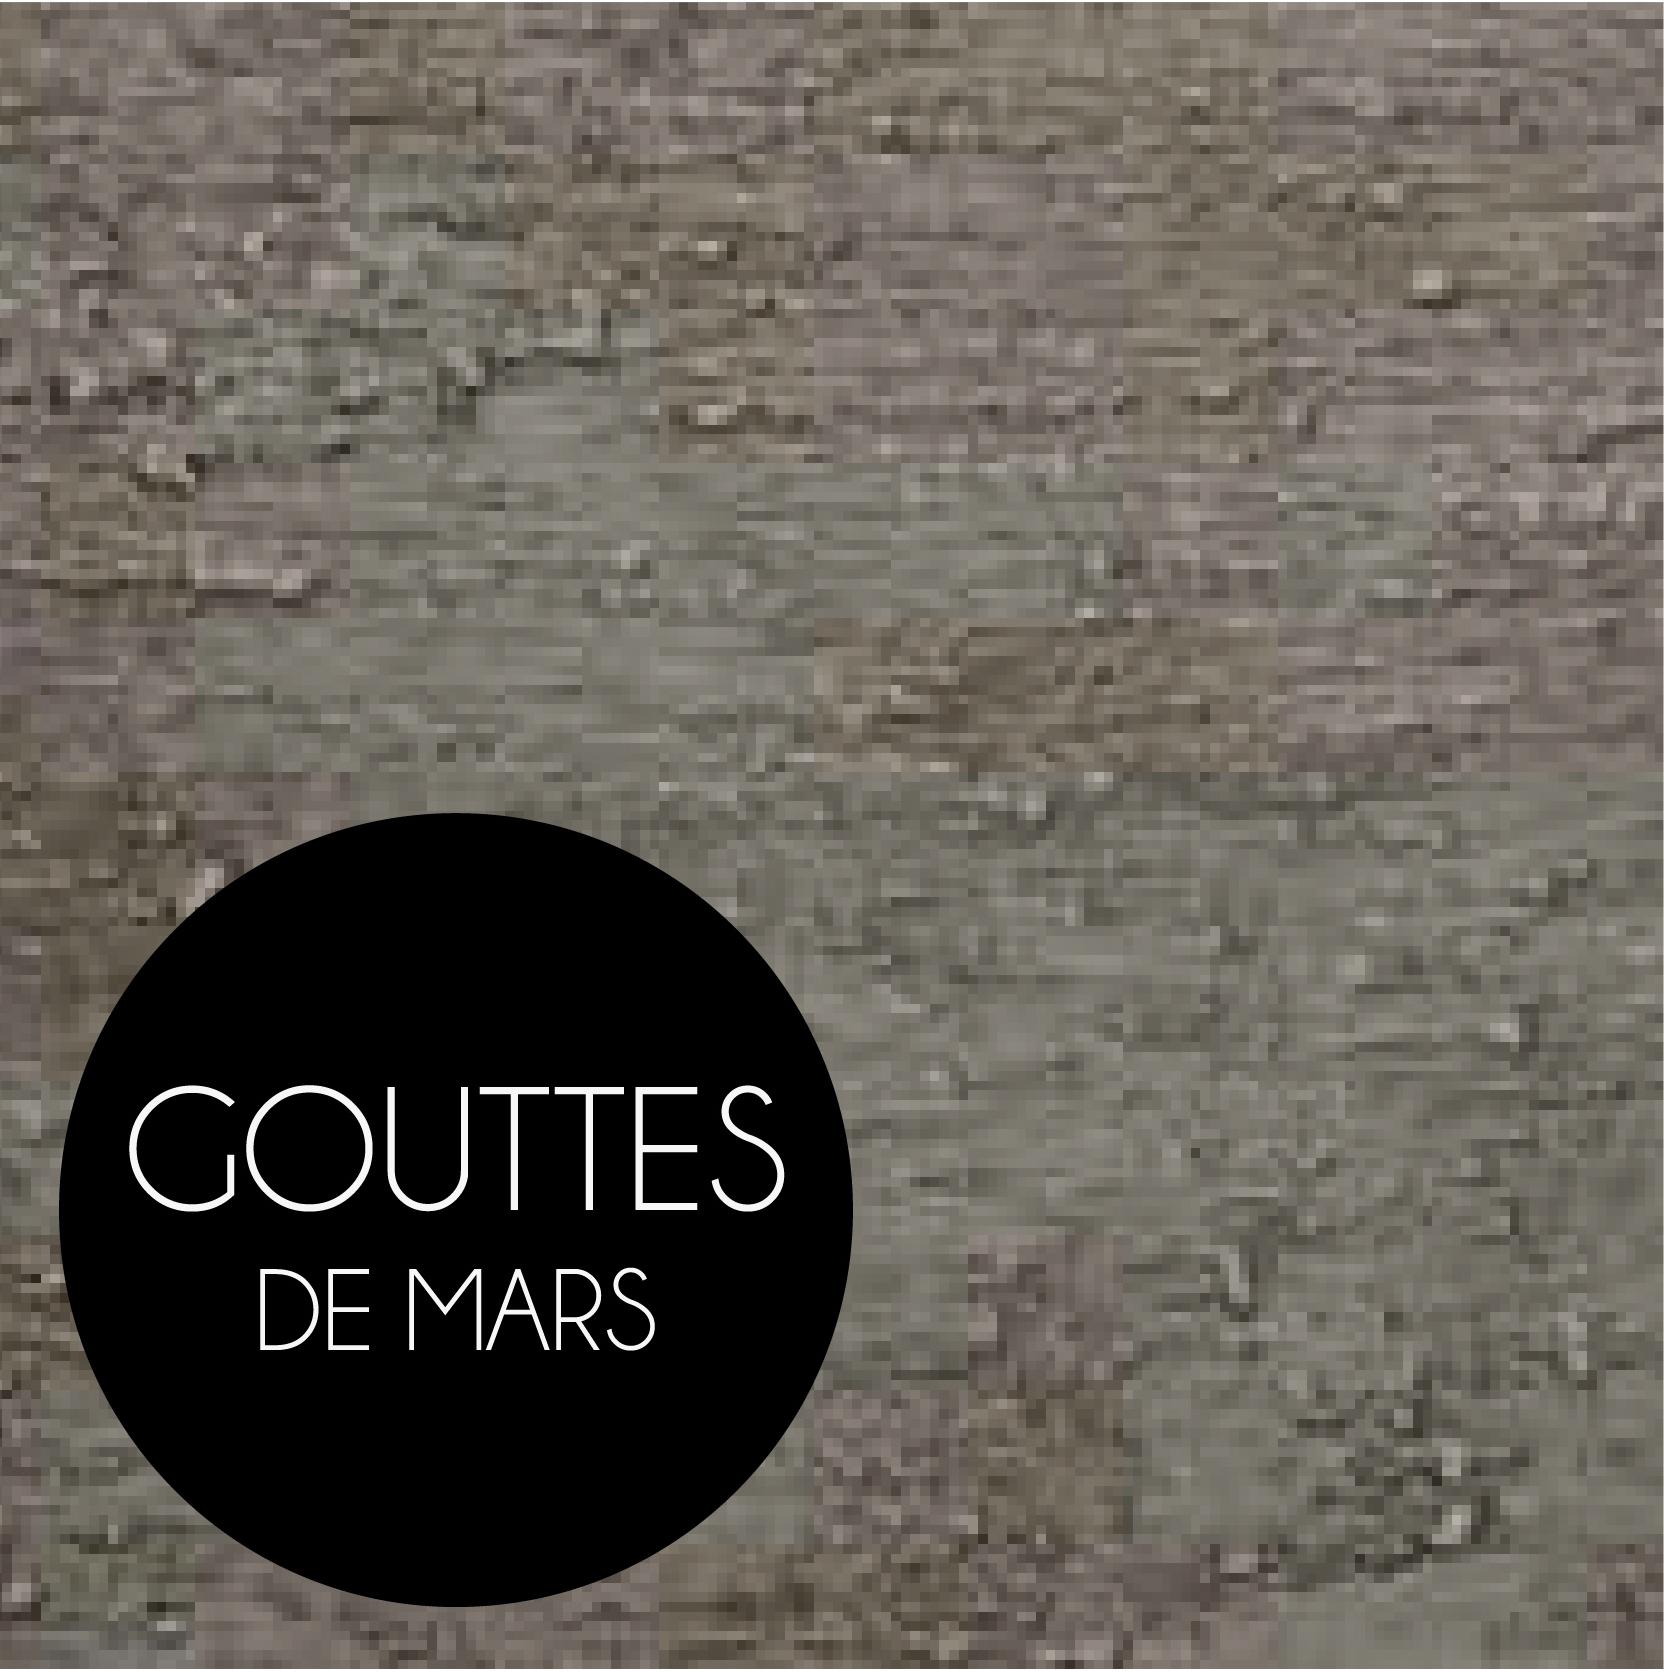 Appliquer l'effet peinture Gouttes de Mars